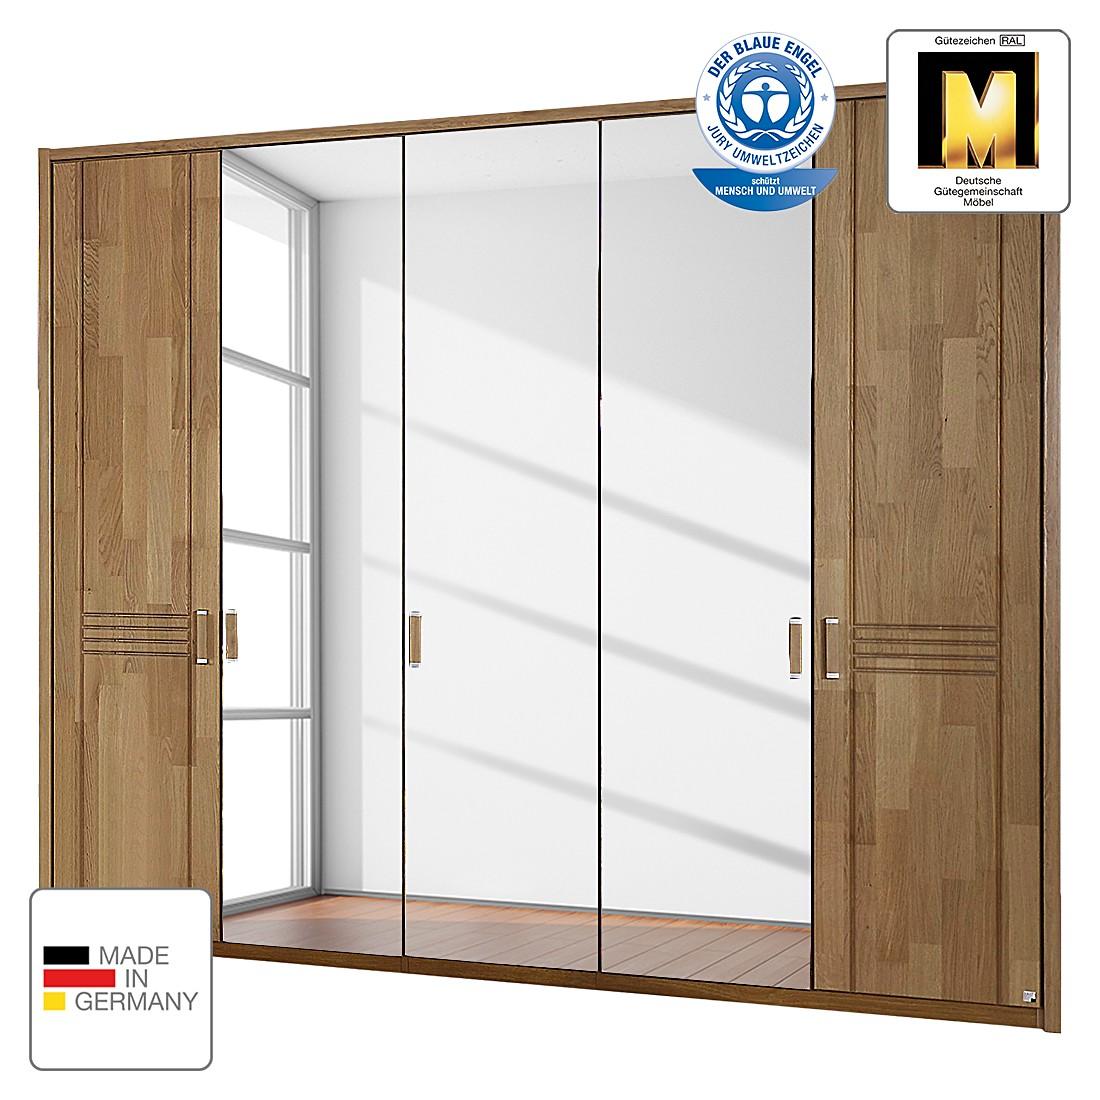 Drehtürenschrank Casano - Wildeiche teilmassiv - 235 cm (5-türig) - 2 Spiegeltüren - Mit Passepartoutrahmen, Rauch Steffen